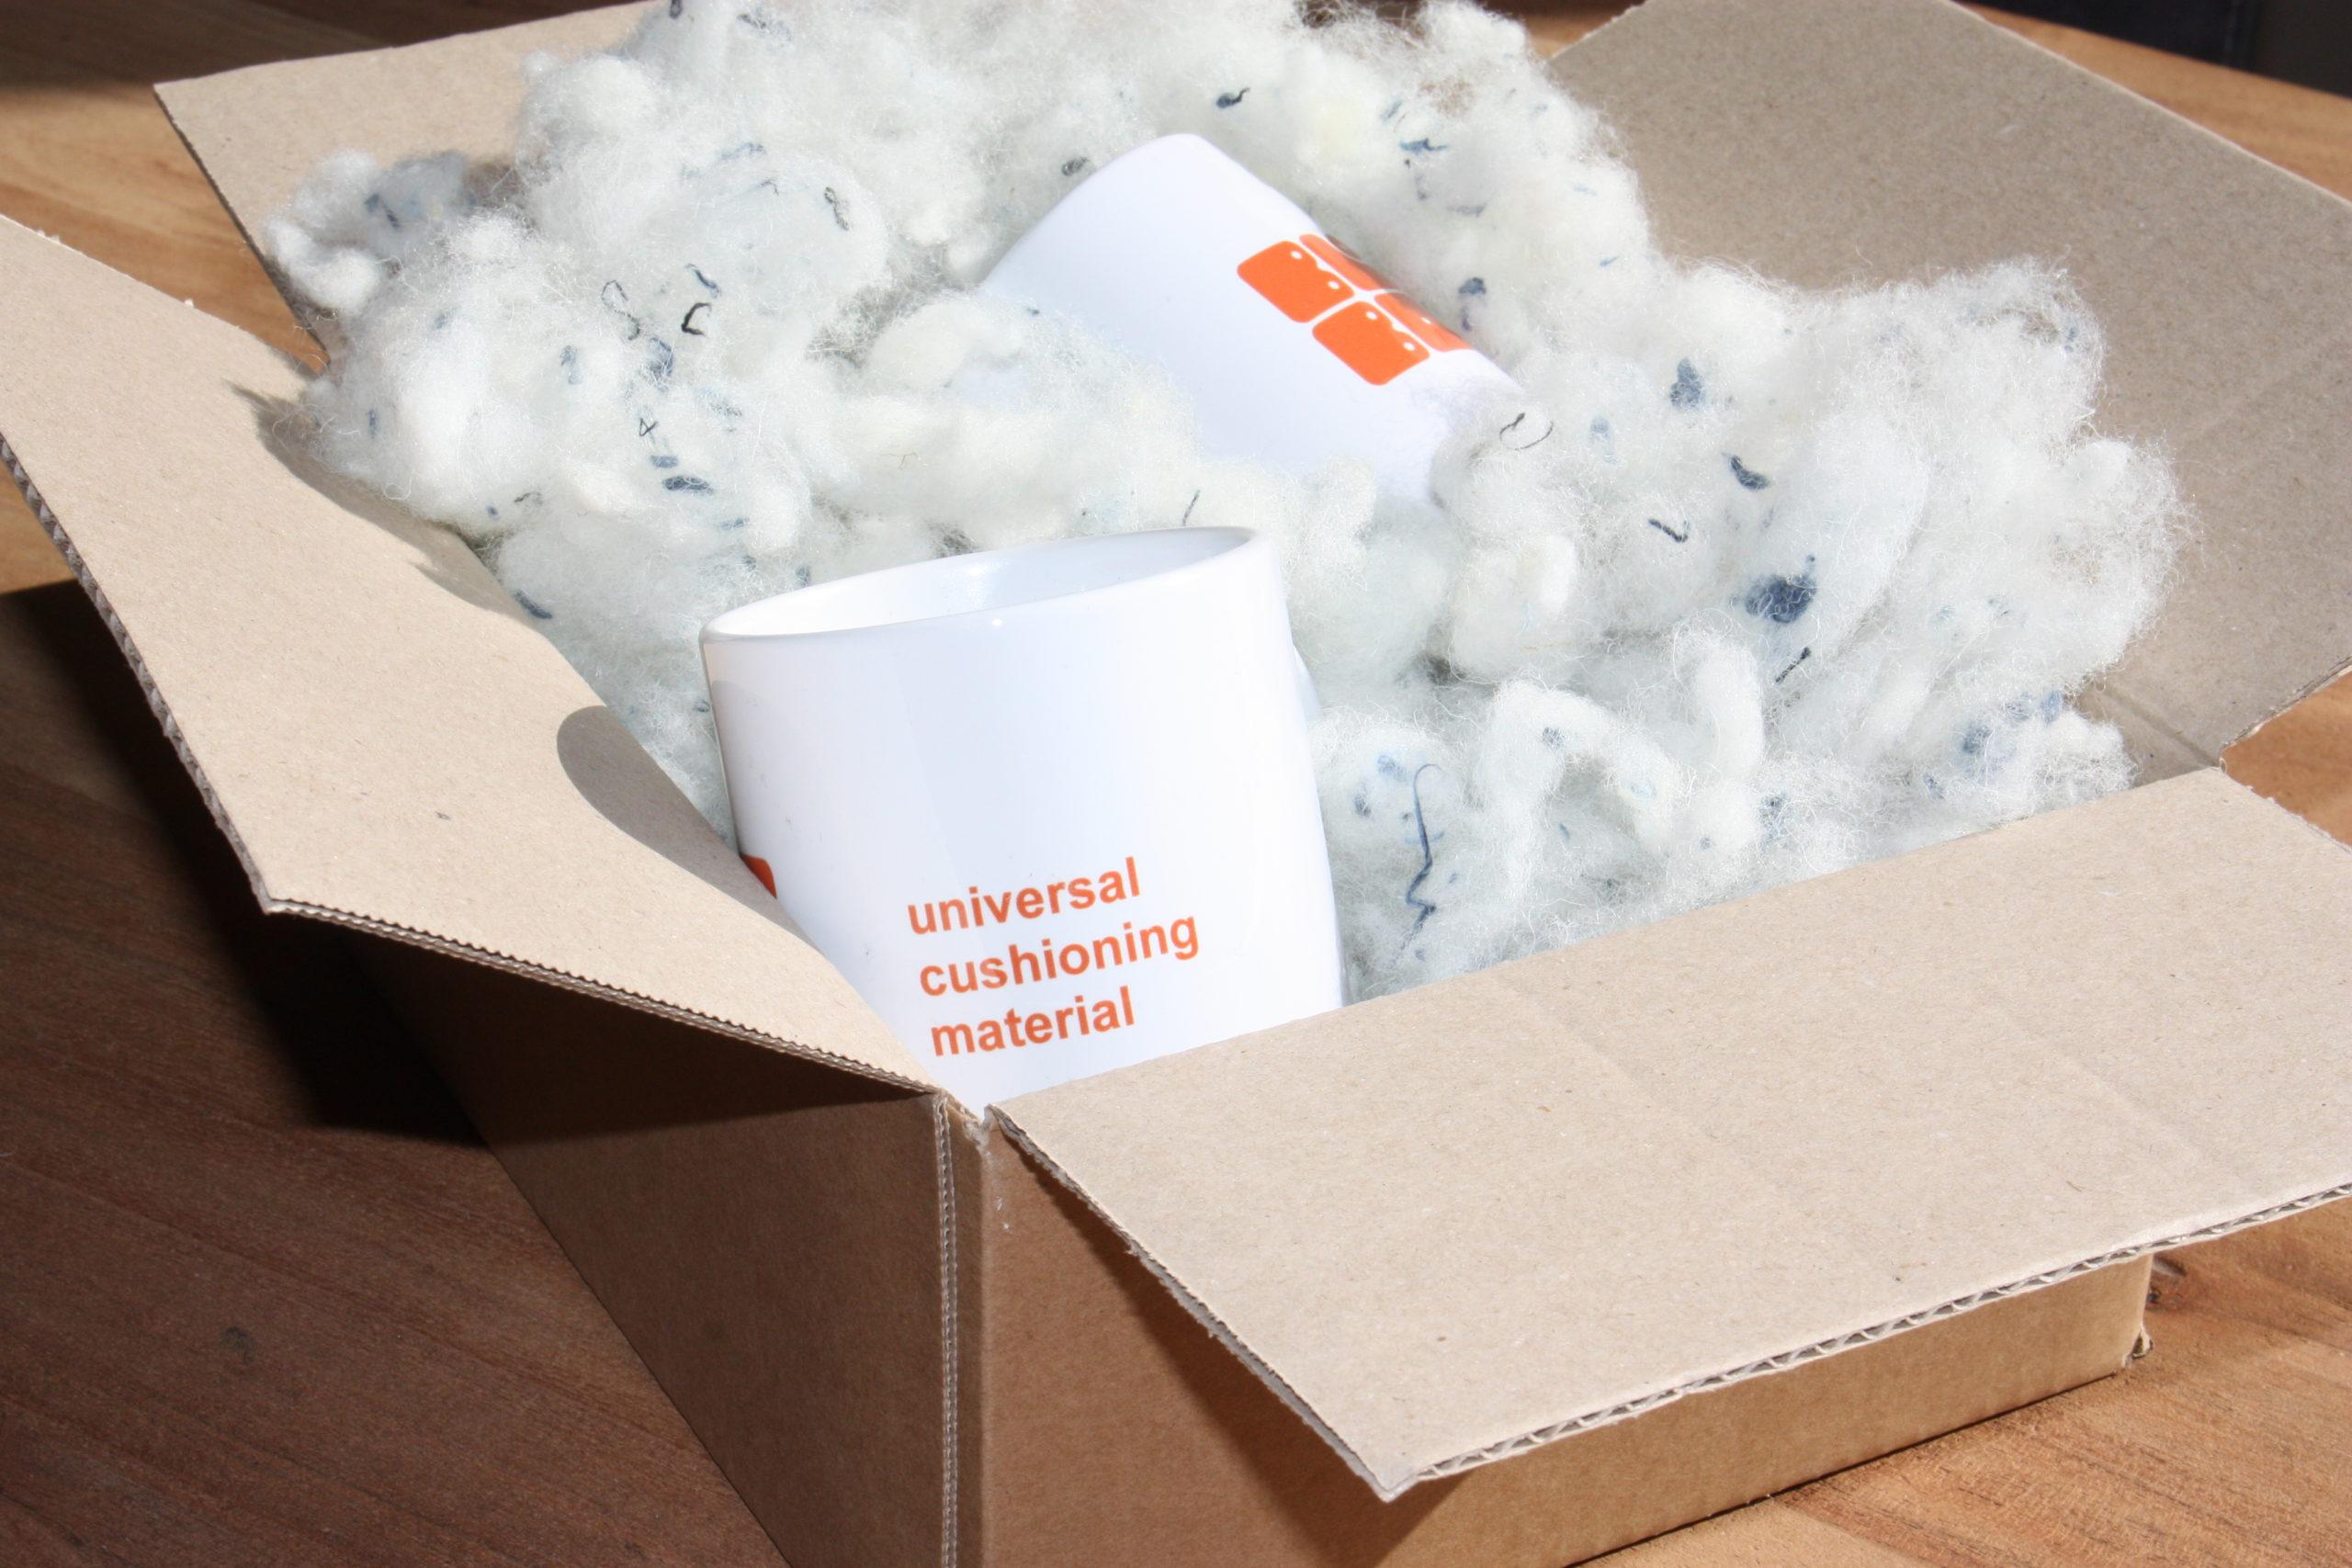 Blocbox solution matière de calage protection colis parcel emballage économique éco-responsable écologique anti-choc acheter envoi réduire coût logistique shipping